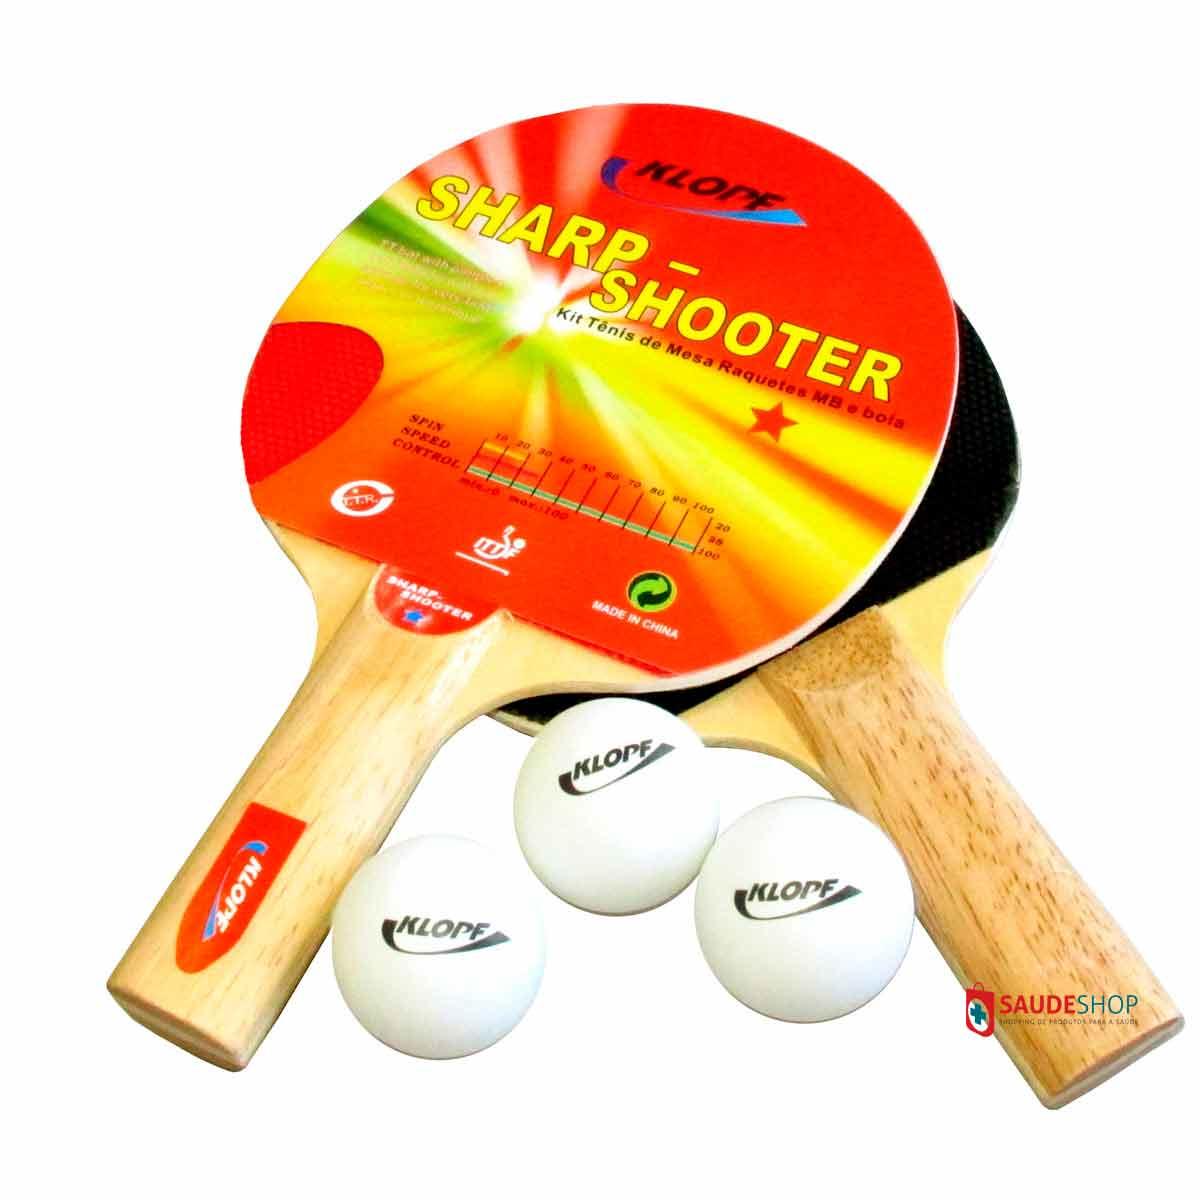 Tênis De Mesa - Ping-Pong MDF 15 Mm - Pés de ferro - Ref.1009 - KLOPF - com Acessórios